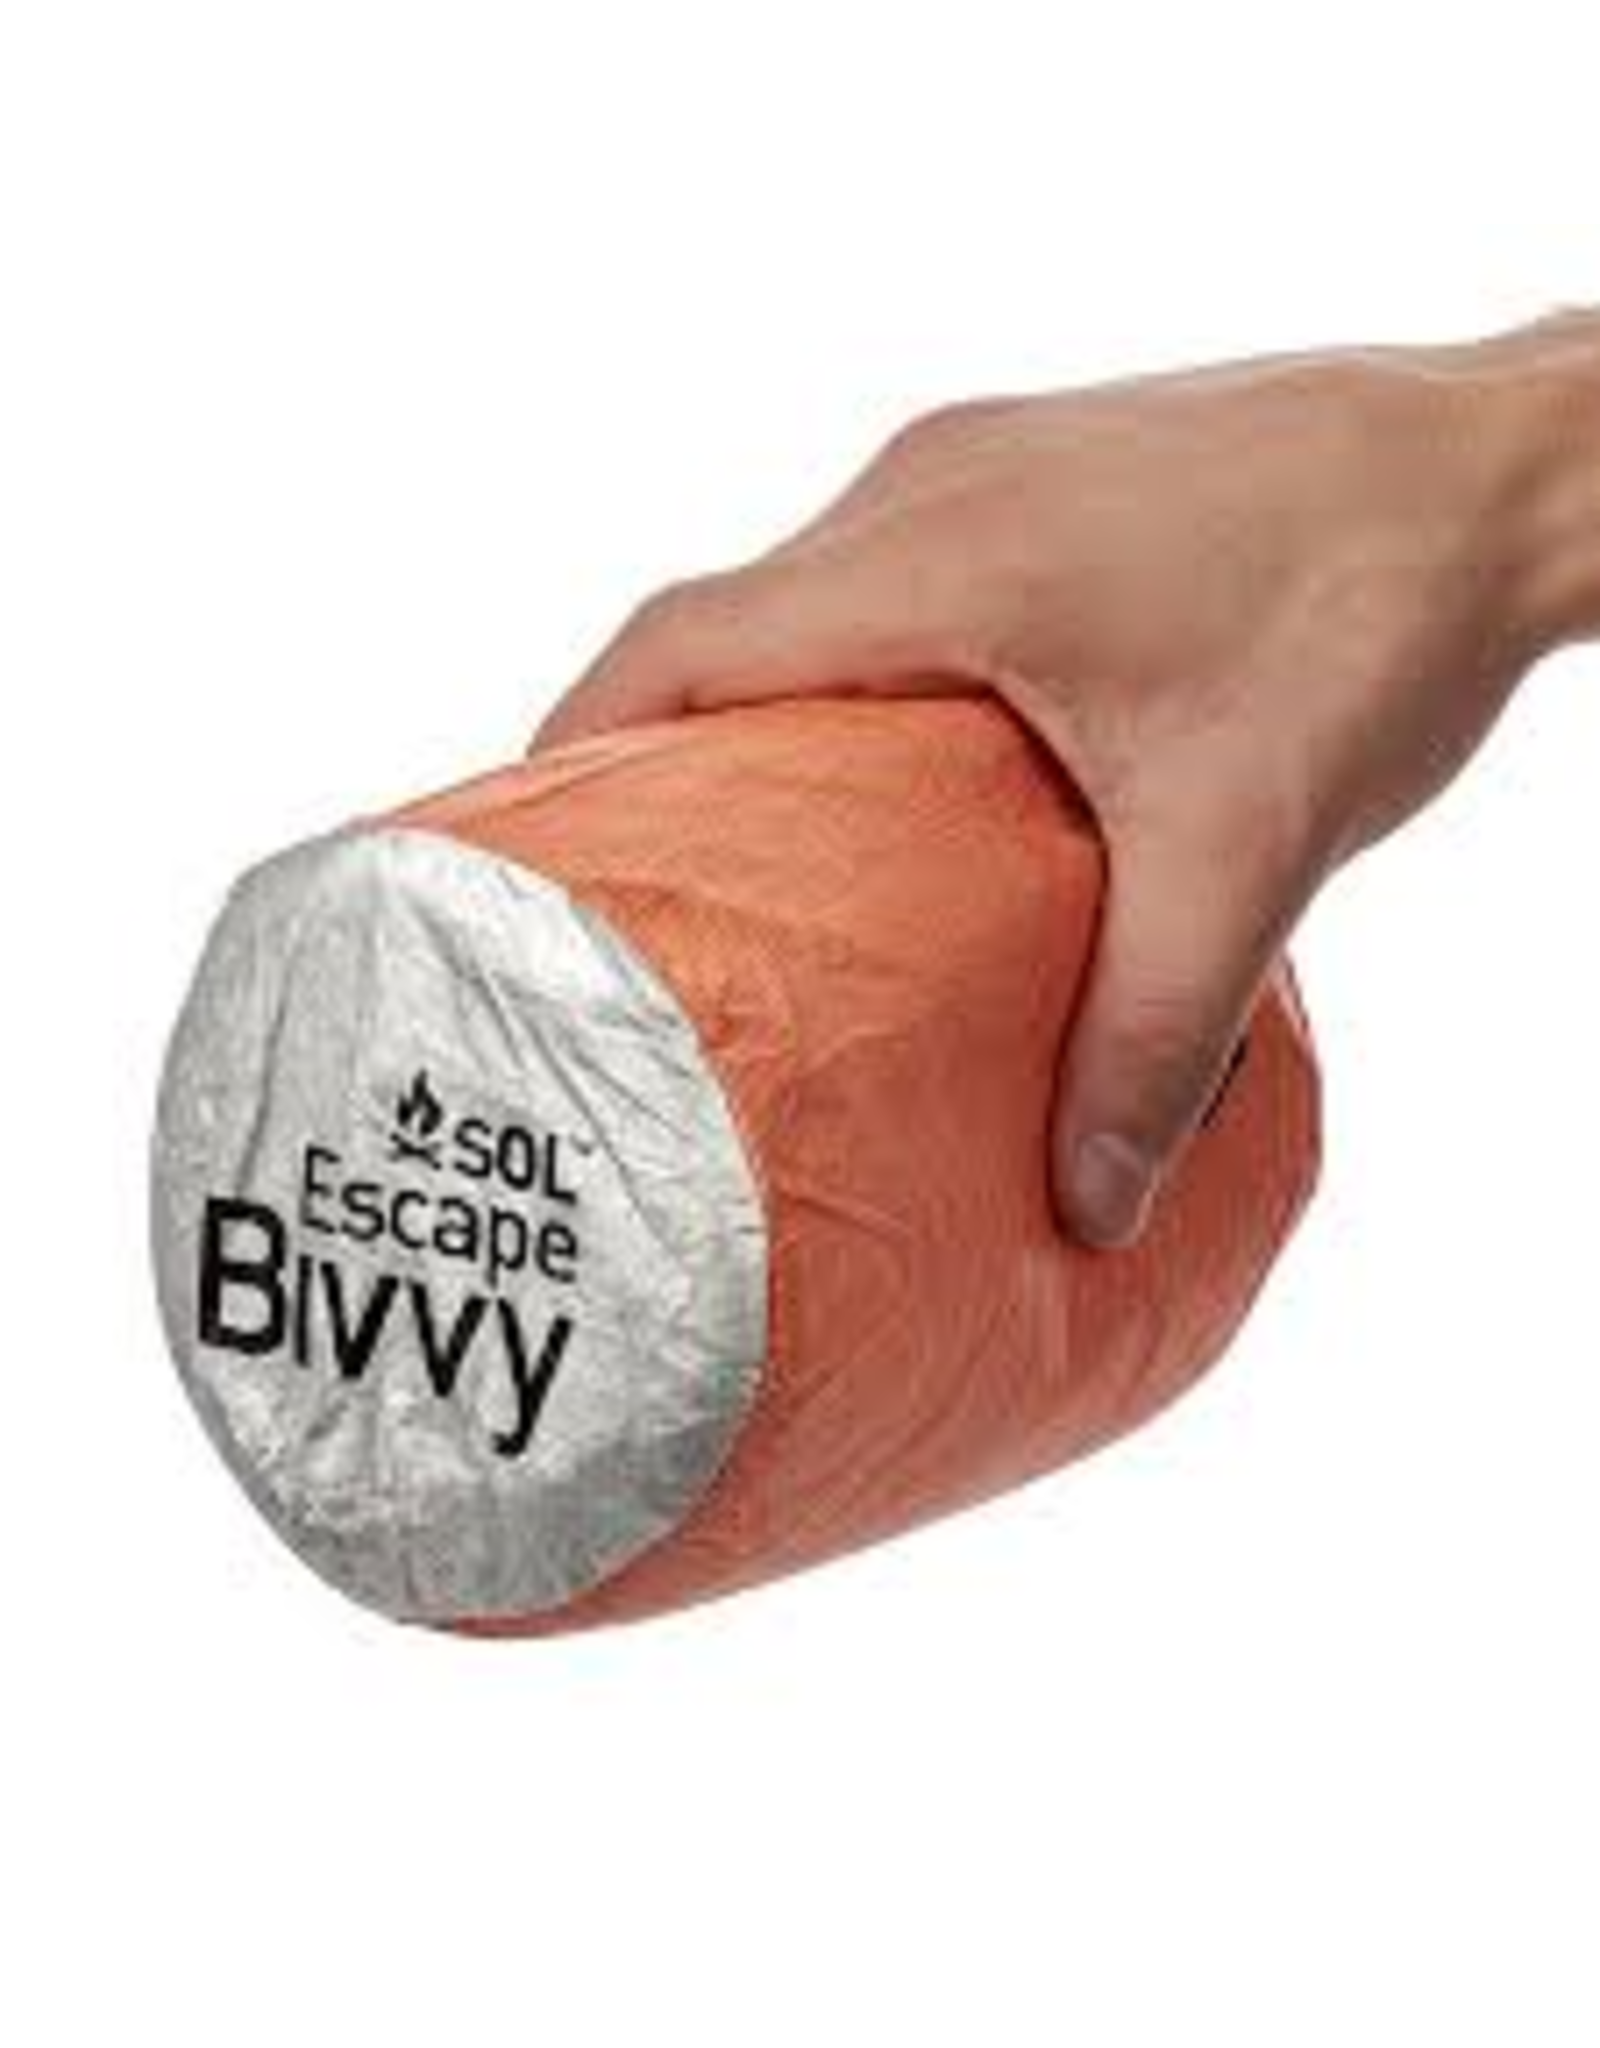 ARVA ARVA Escape Zip Bivvy